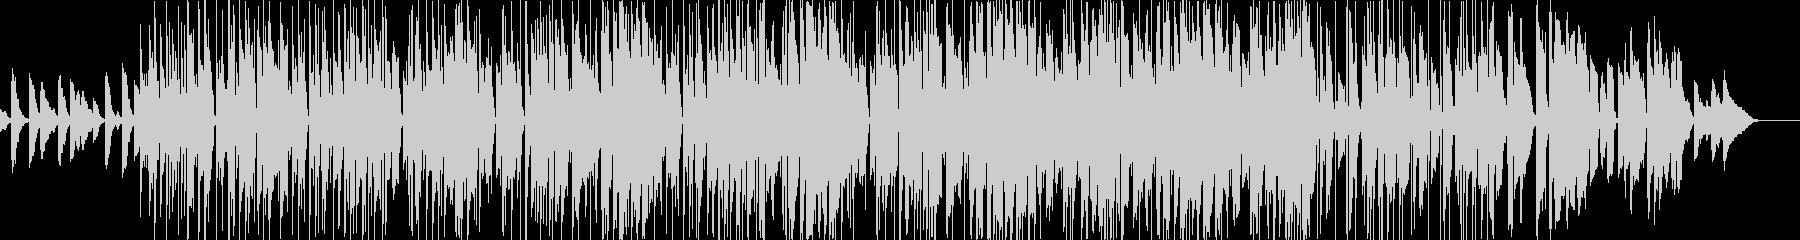 明るくおちゃらけたファンクロックの未再生の波形